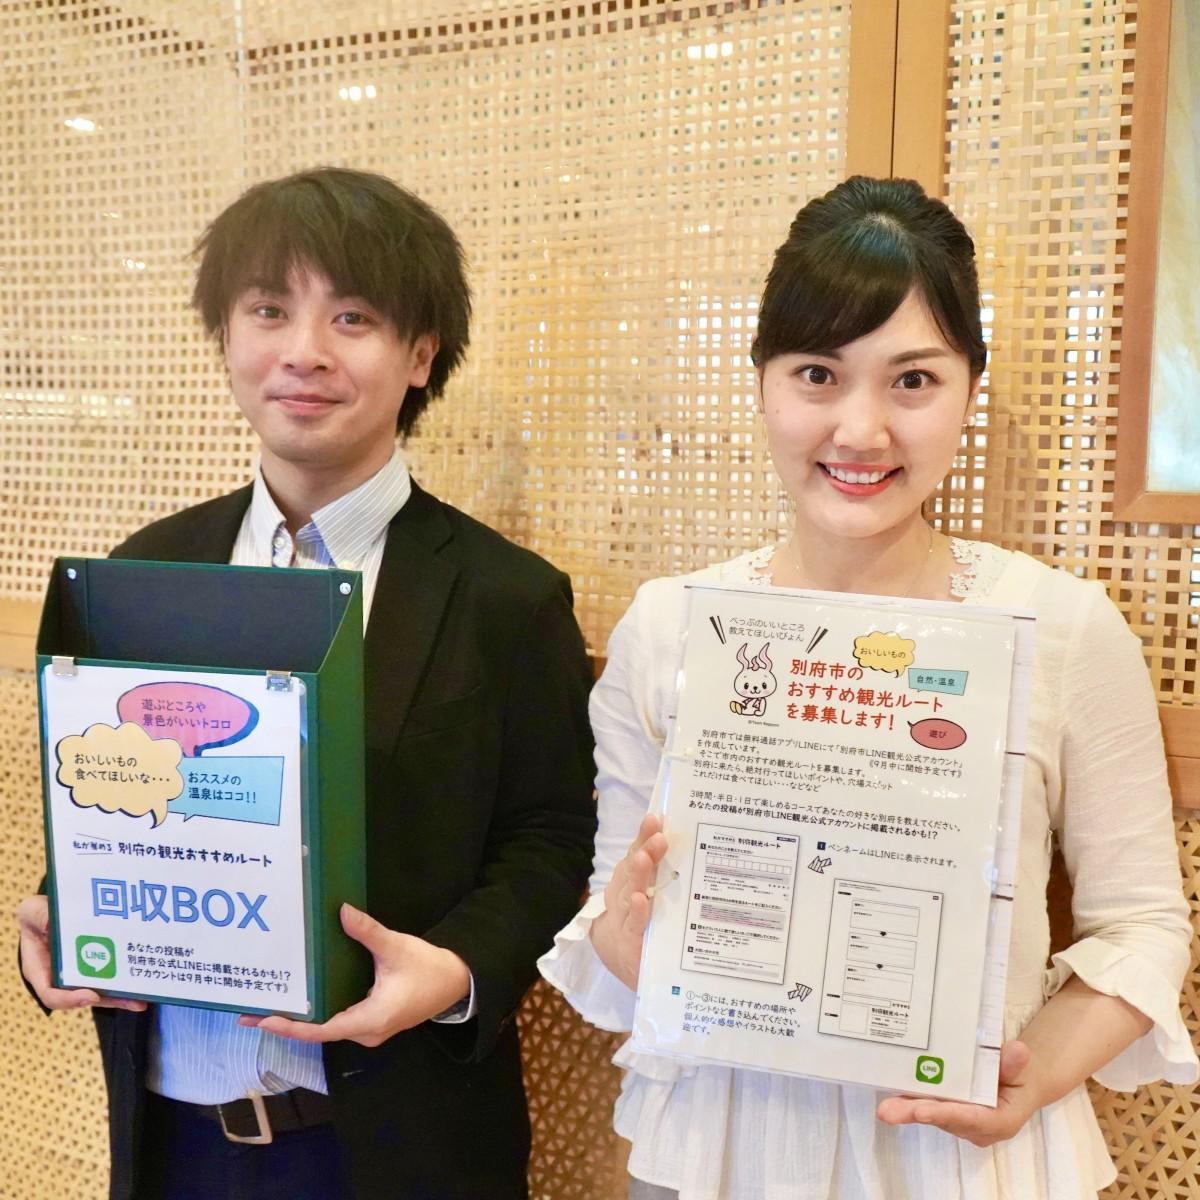 「私がすすめる別府観光ルート」への応募を呼び掛ける清原さん(左)